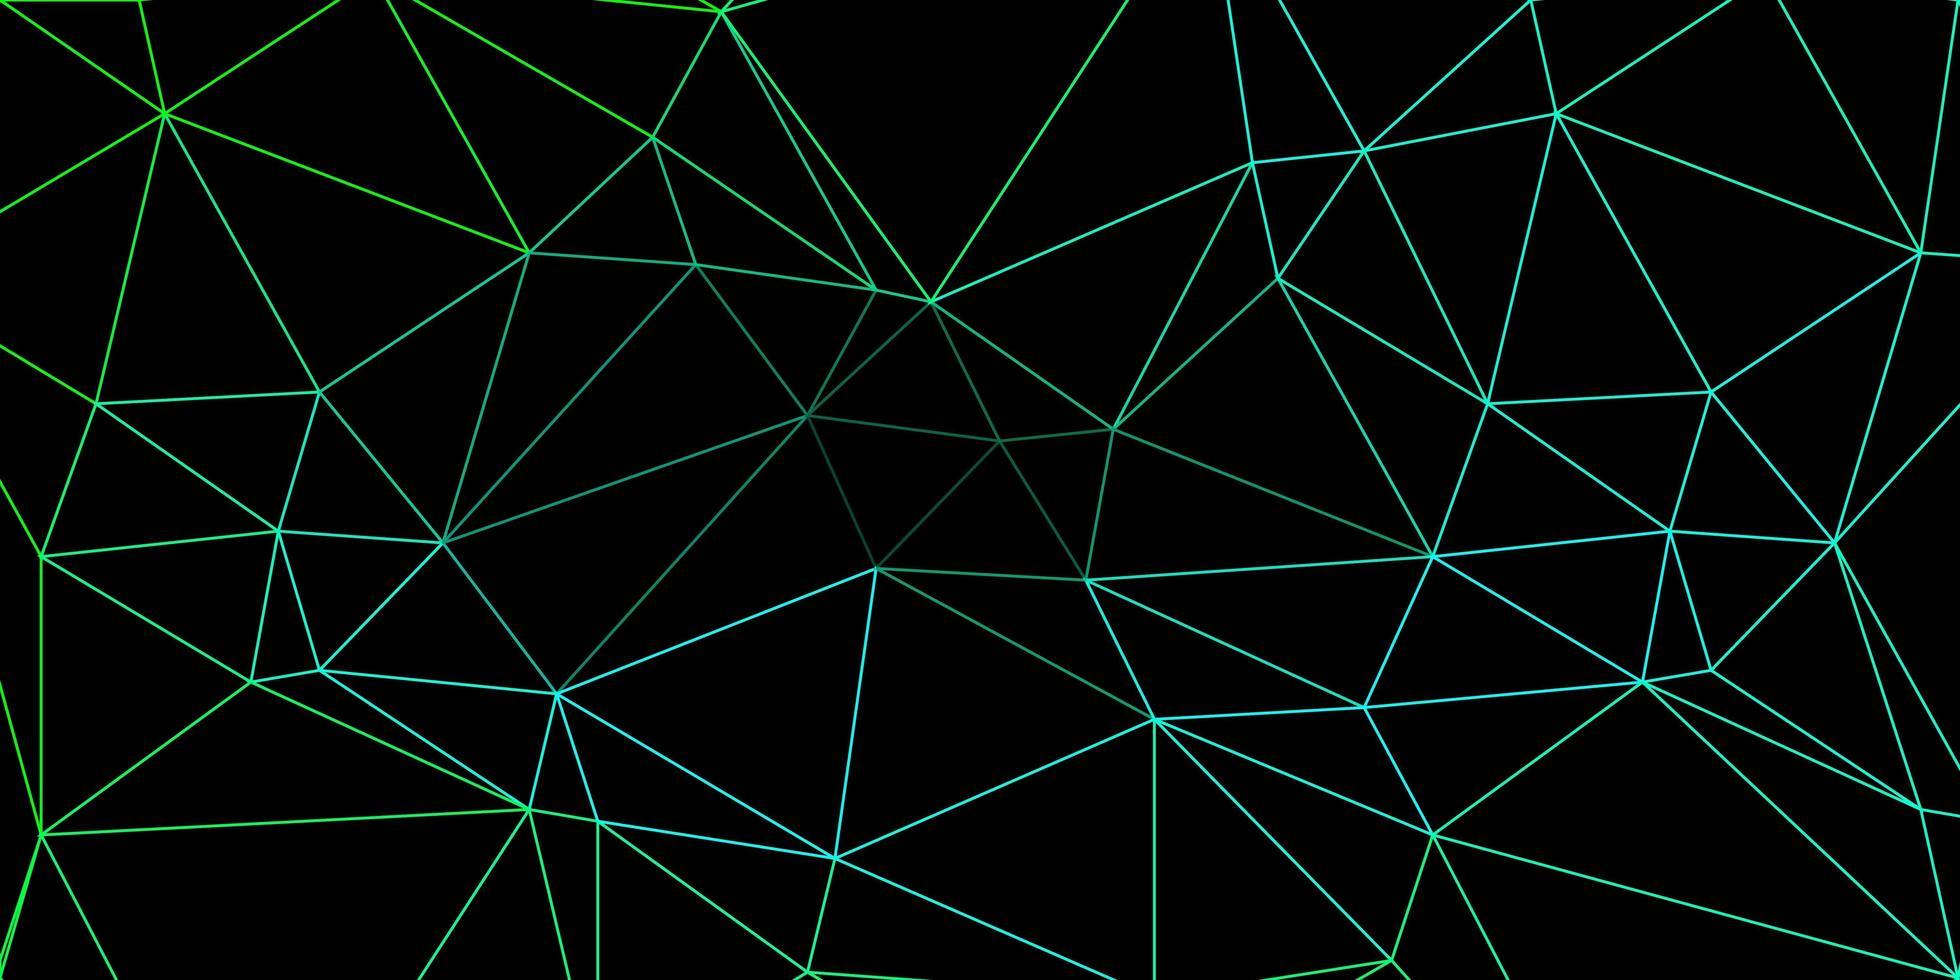 ljusgrön vektor triangel mosaik mall.